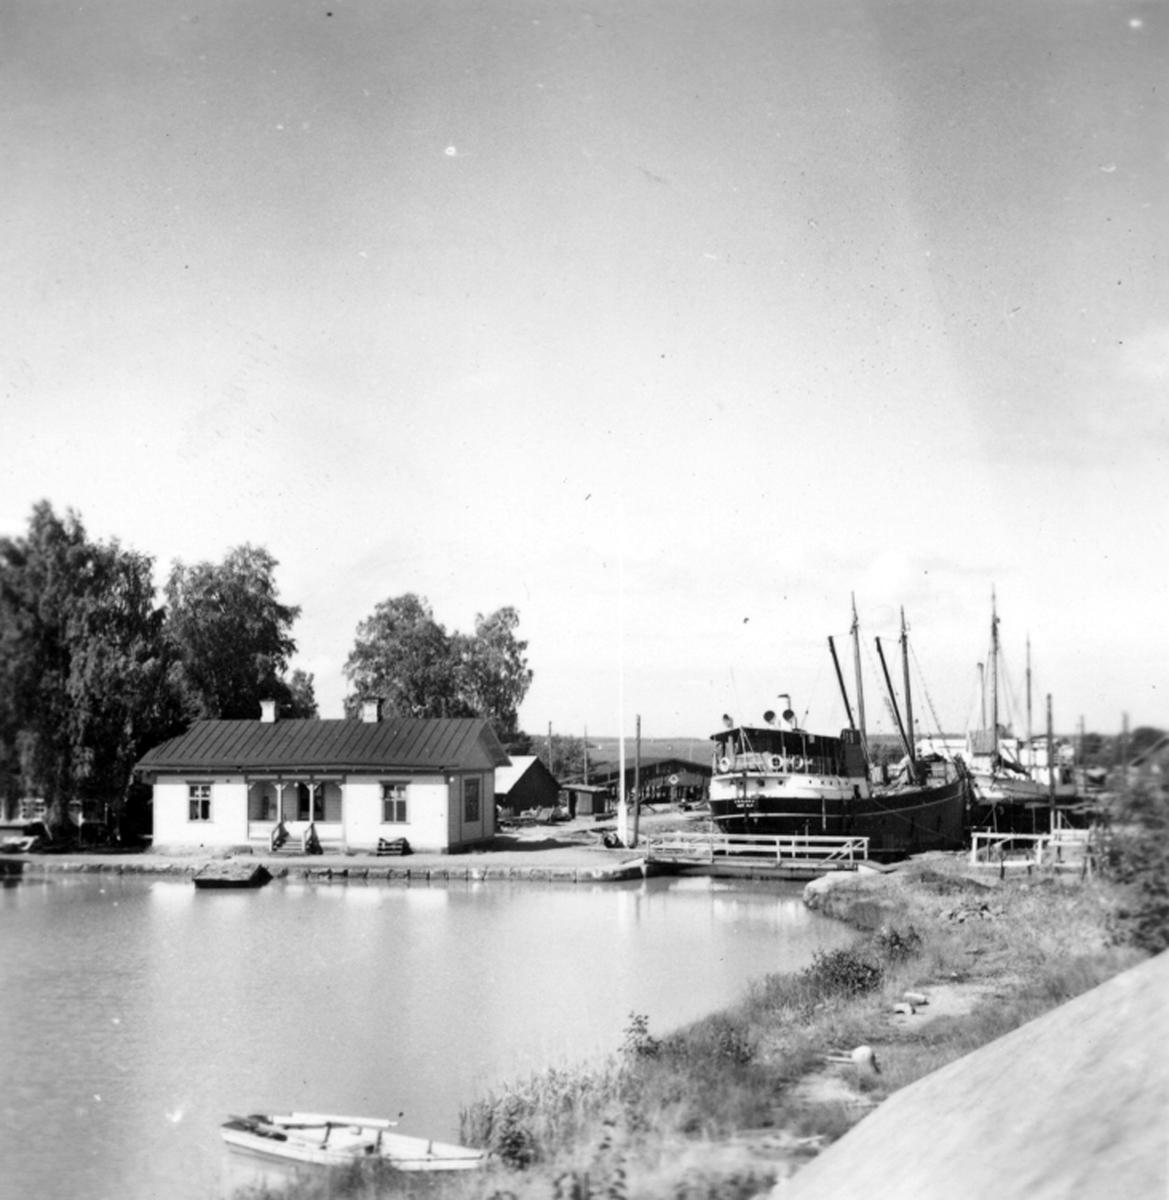 Varvets kontorsbyggnad och slussporten till torrdockan, där S/S Motala och M/S Don Carlos står intagna för reparation, aug 1954.